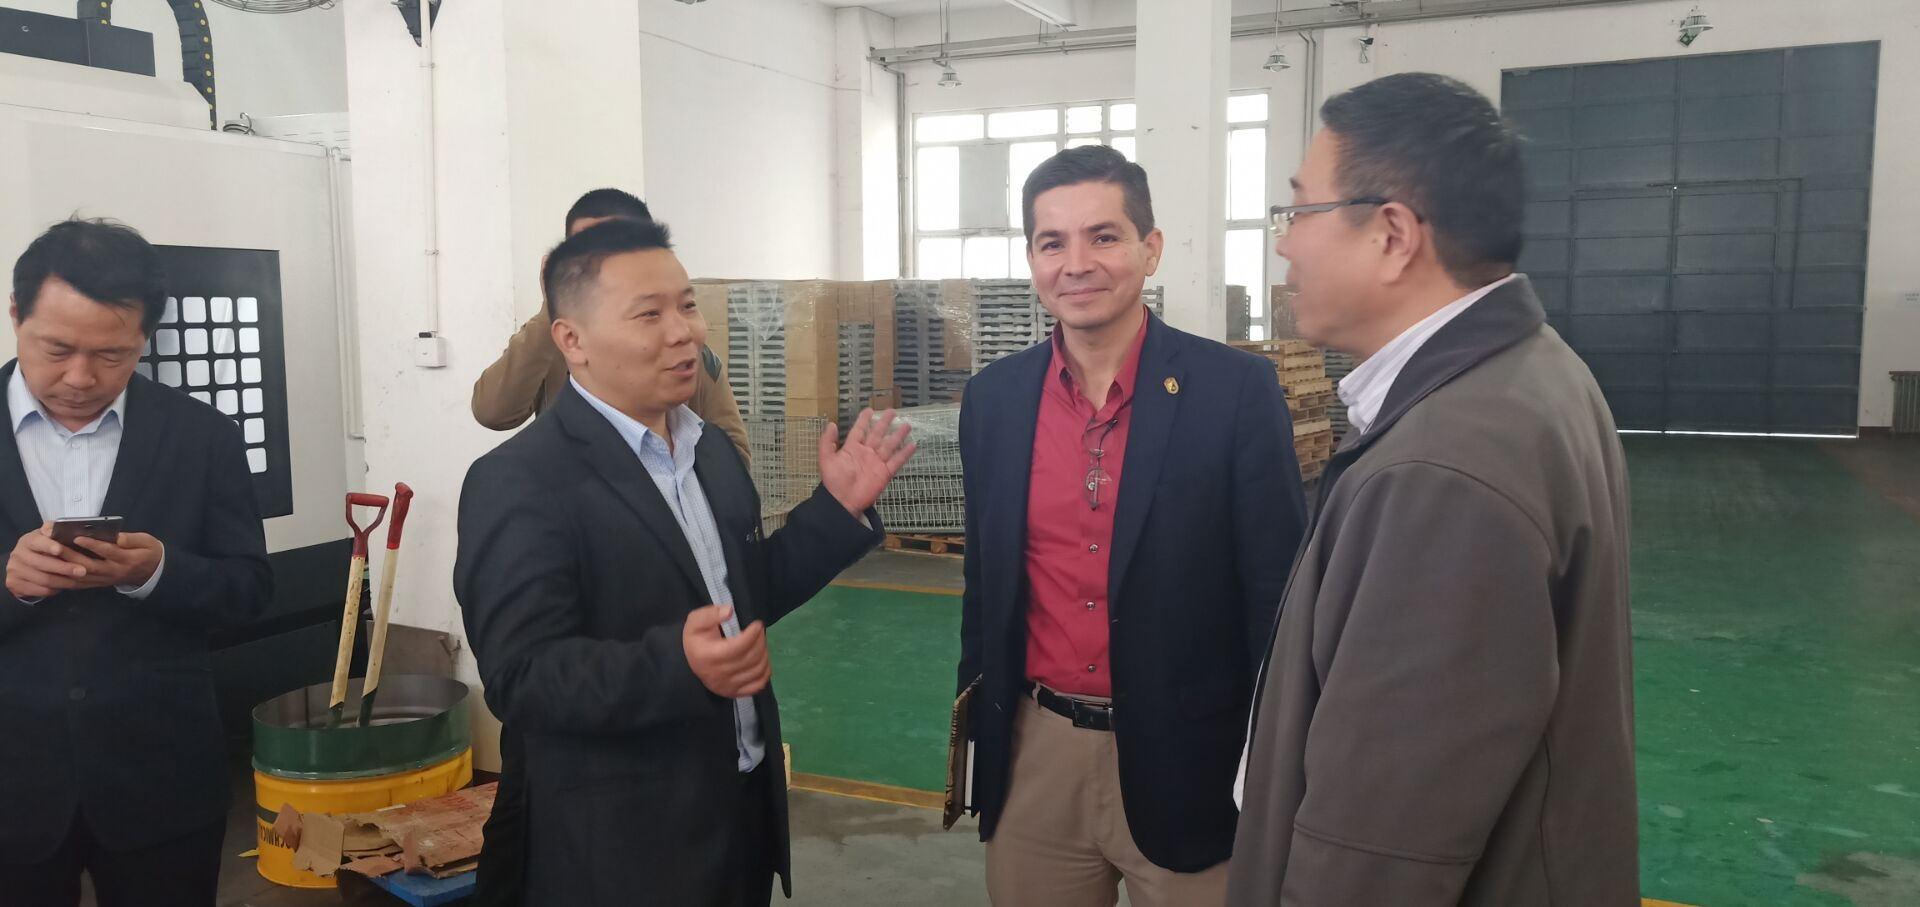 墨西哥工業發展部執行部長阿奴爾夫·馬丁內斯來我公司進行考察